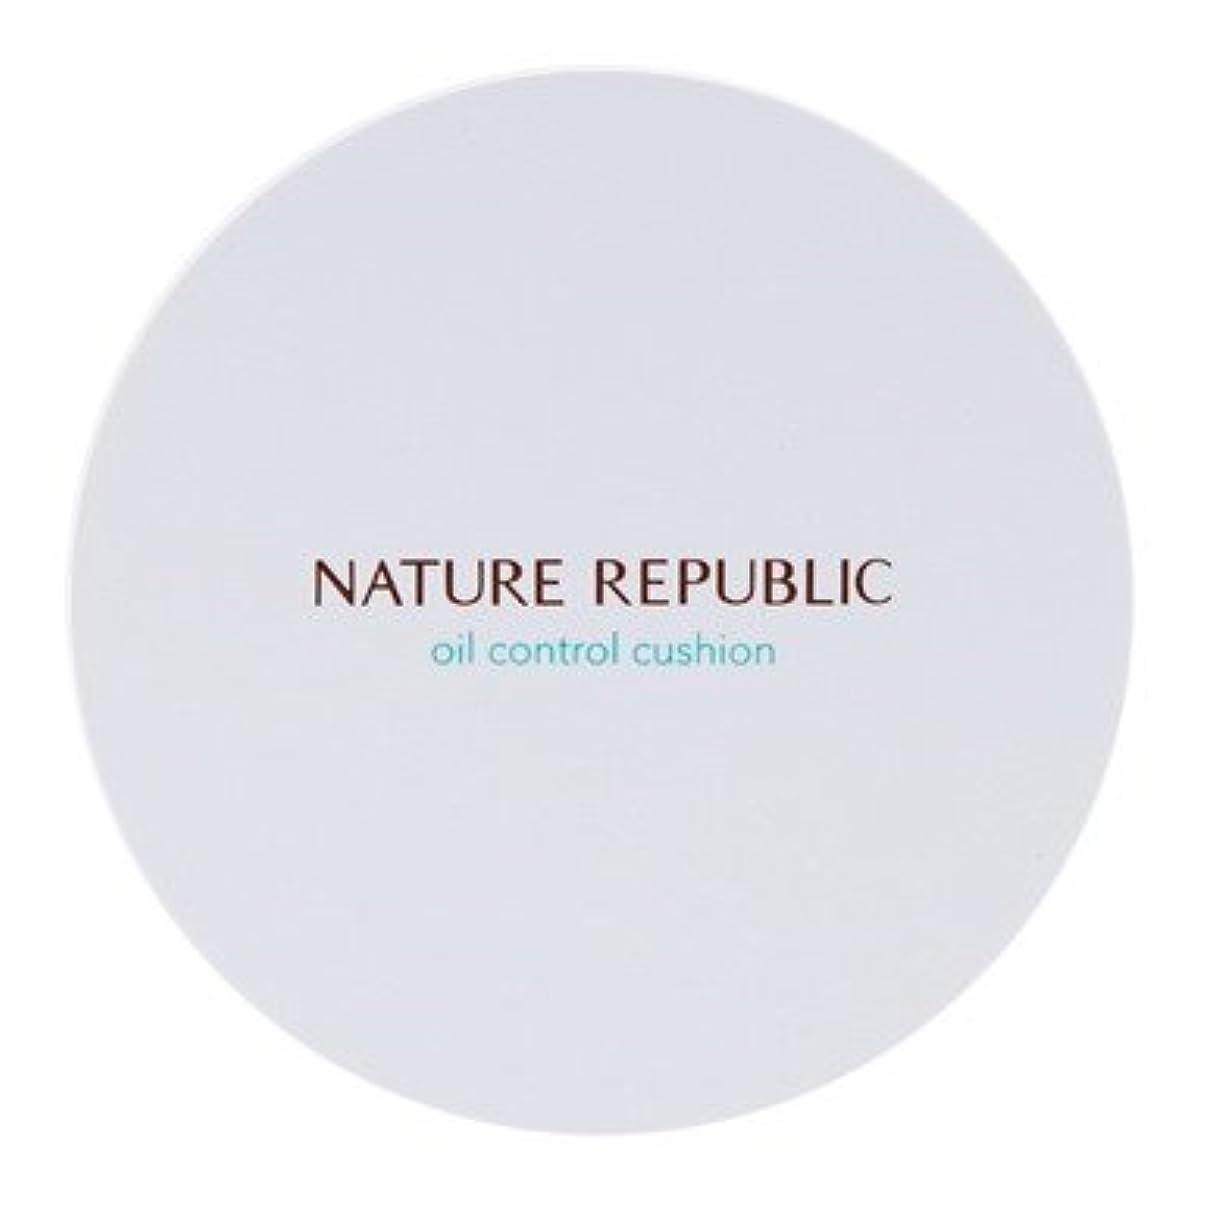 海峡ひも理容師モバイル【NATURE REPUBLIC (ネイチャーリパブリック)】プロヴァンス エアスキンフィット オイルコントロール クッション 15g (SPF50+/ PA+++)(2カラー選択1) (01 ライトベージュ) [並行輸入品]